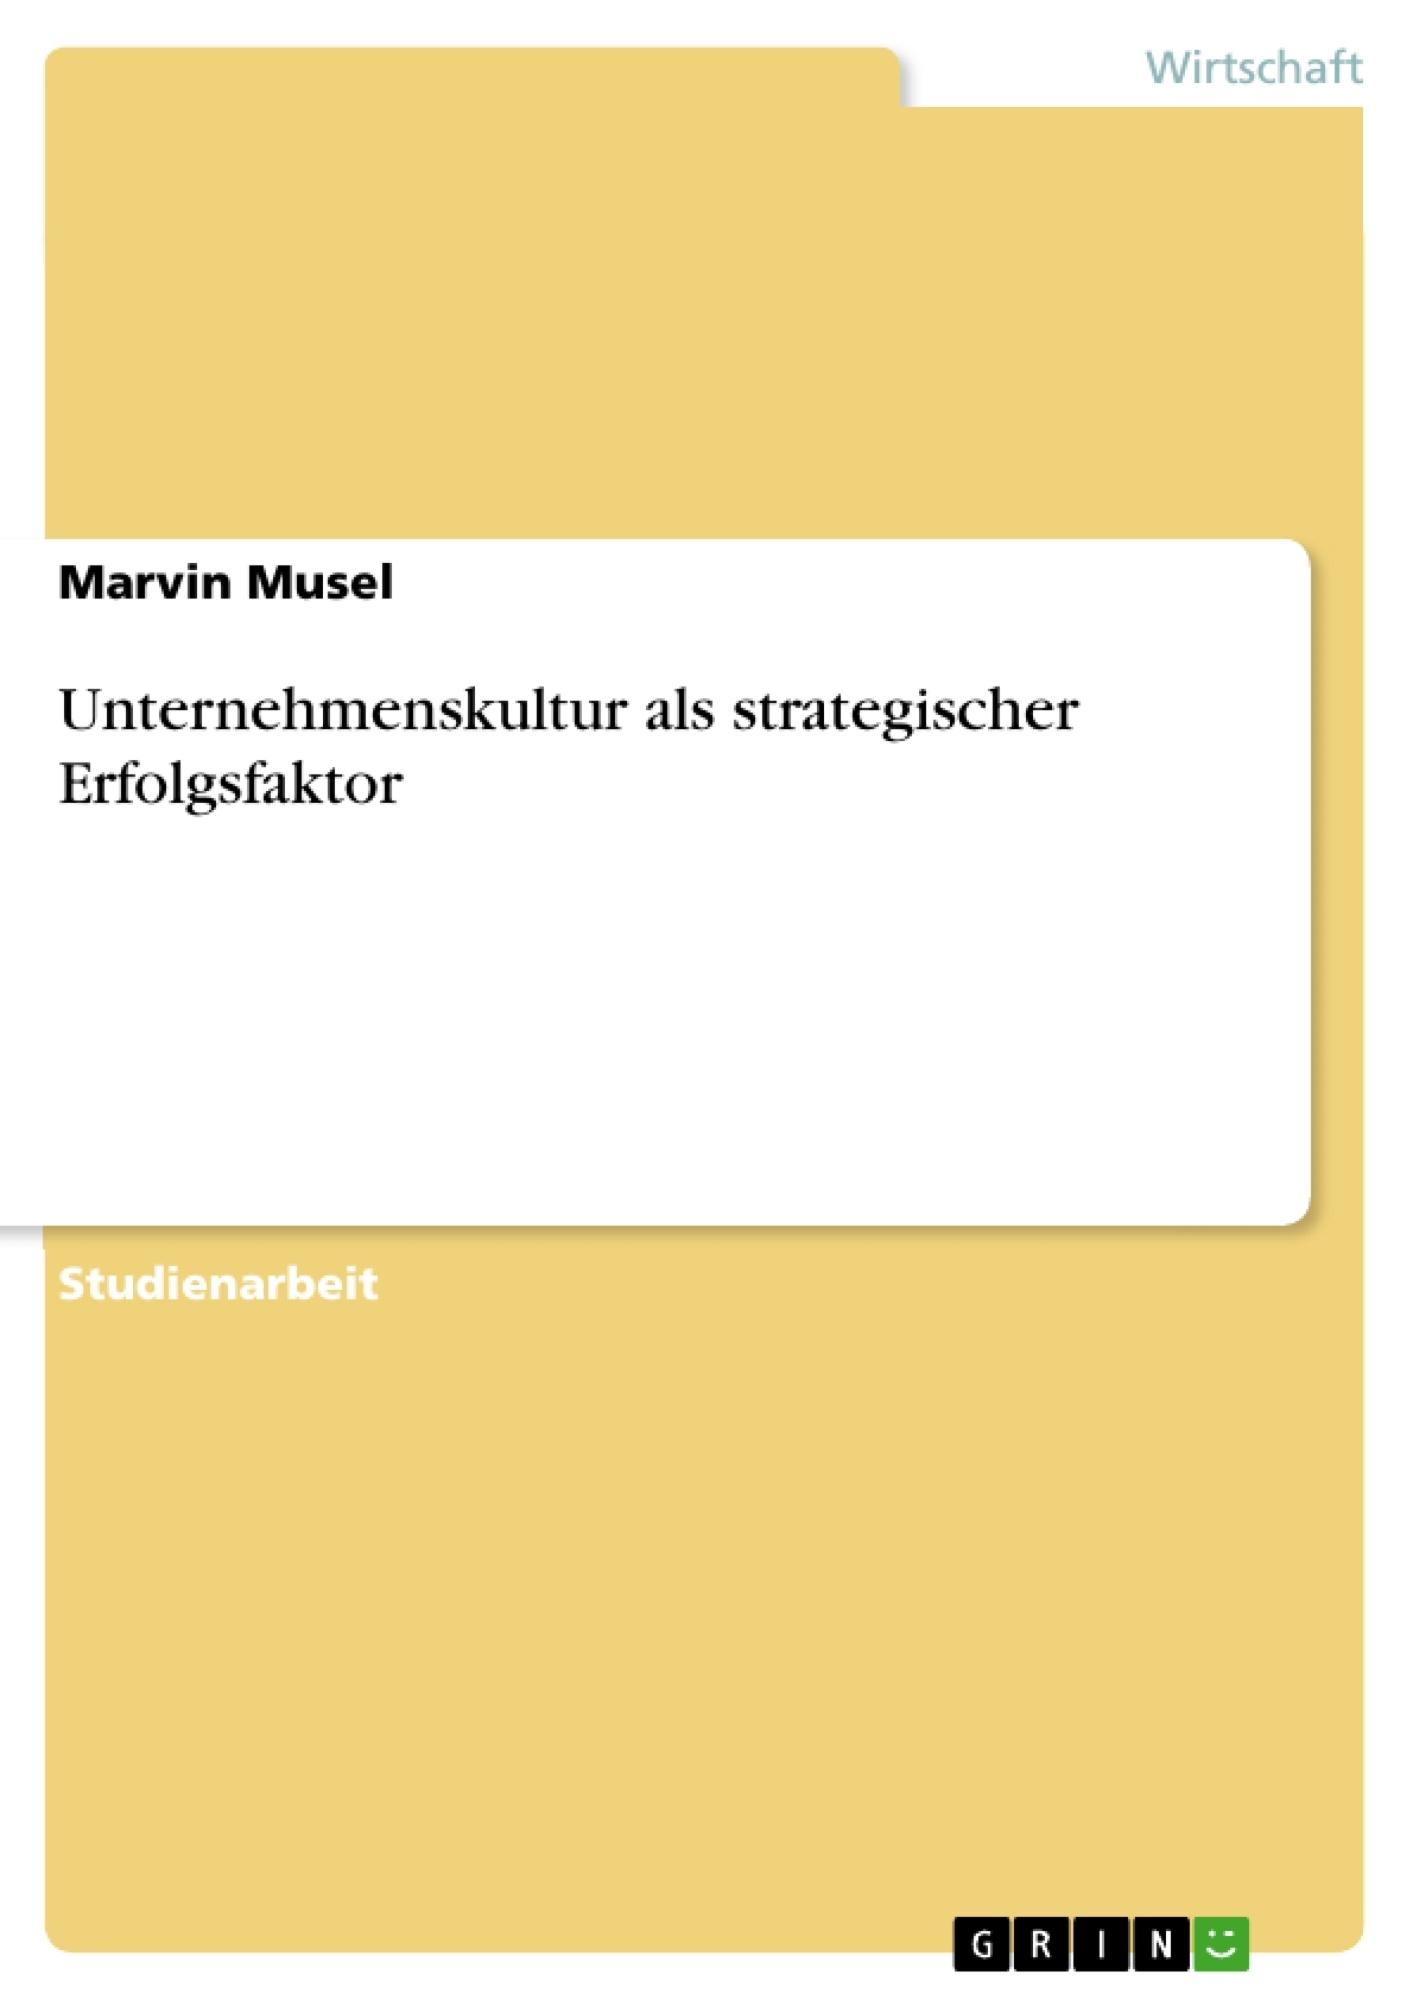 Titel: Unternehmenskultur als strategischer Erfolgsfaktor